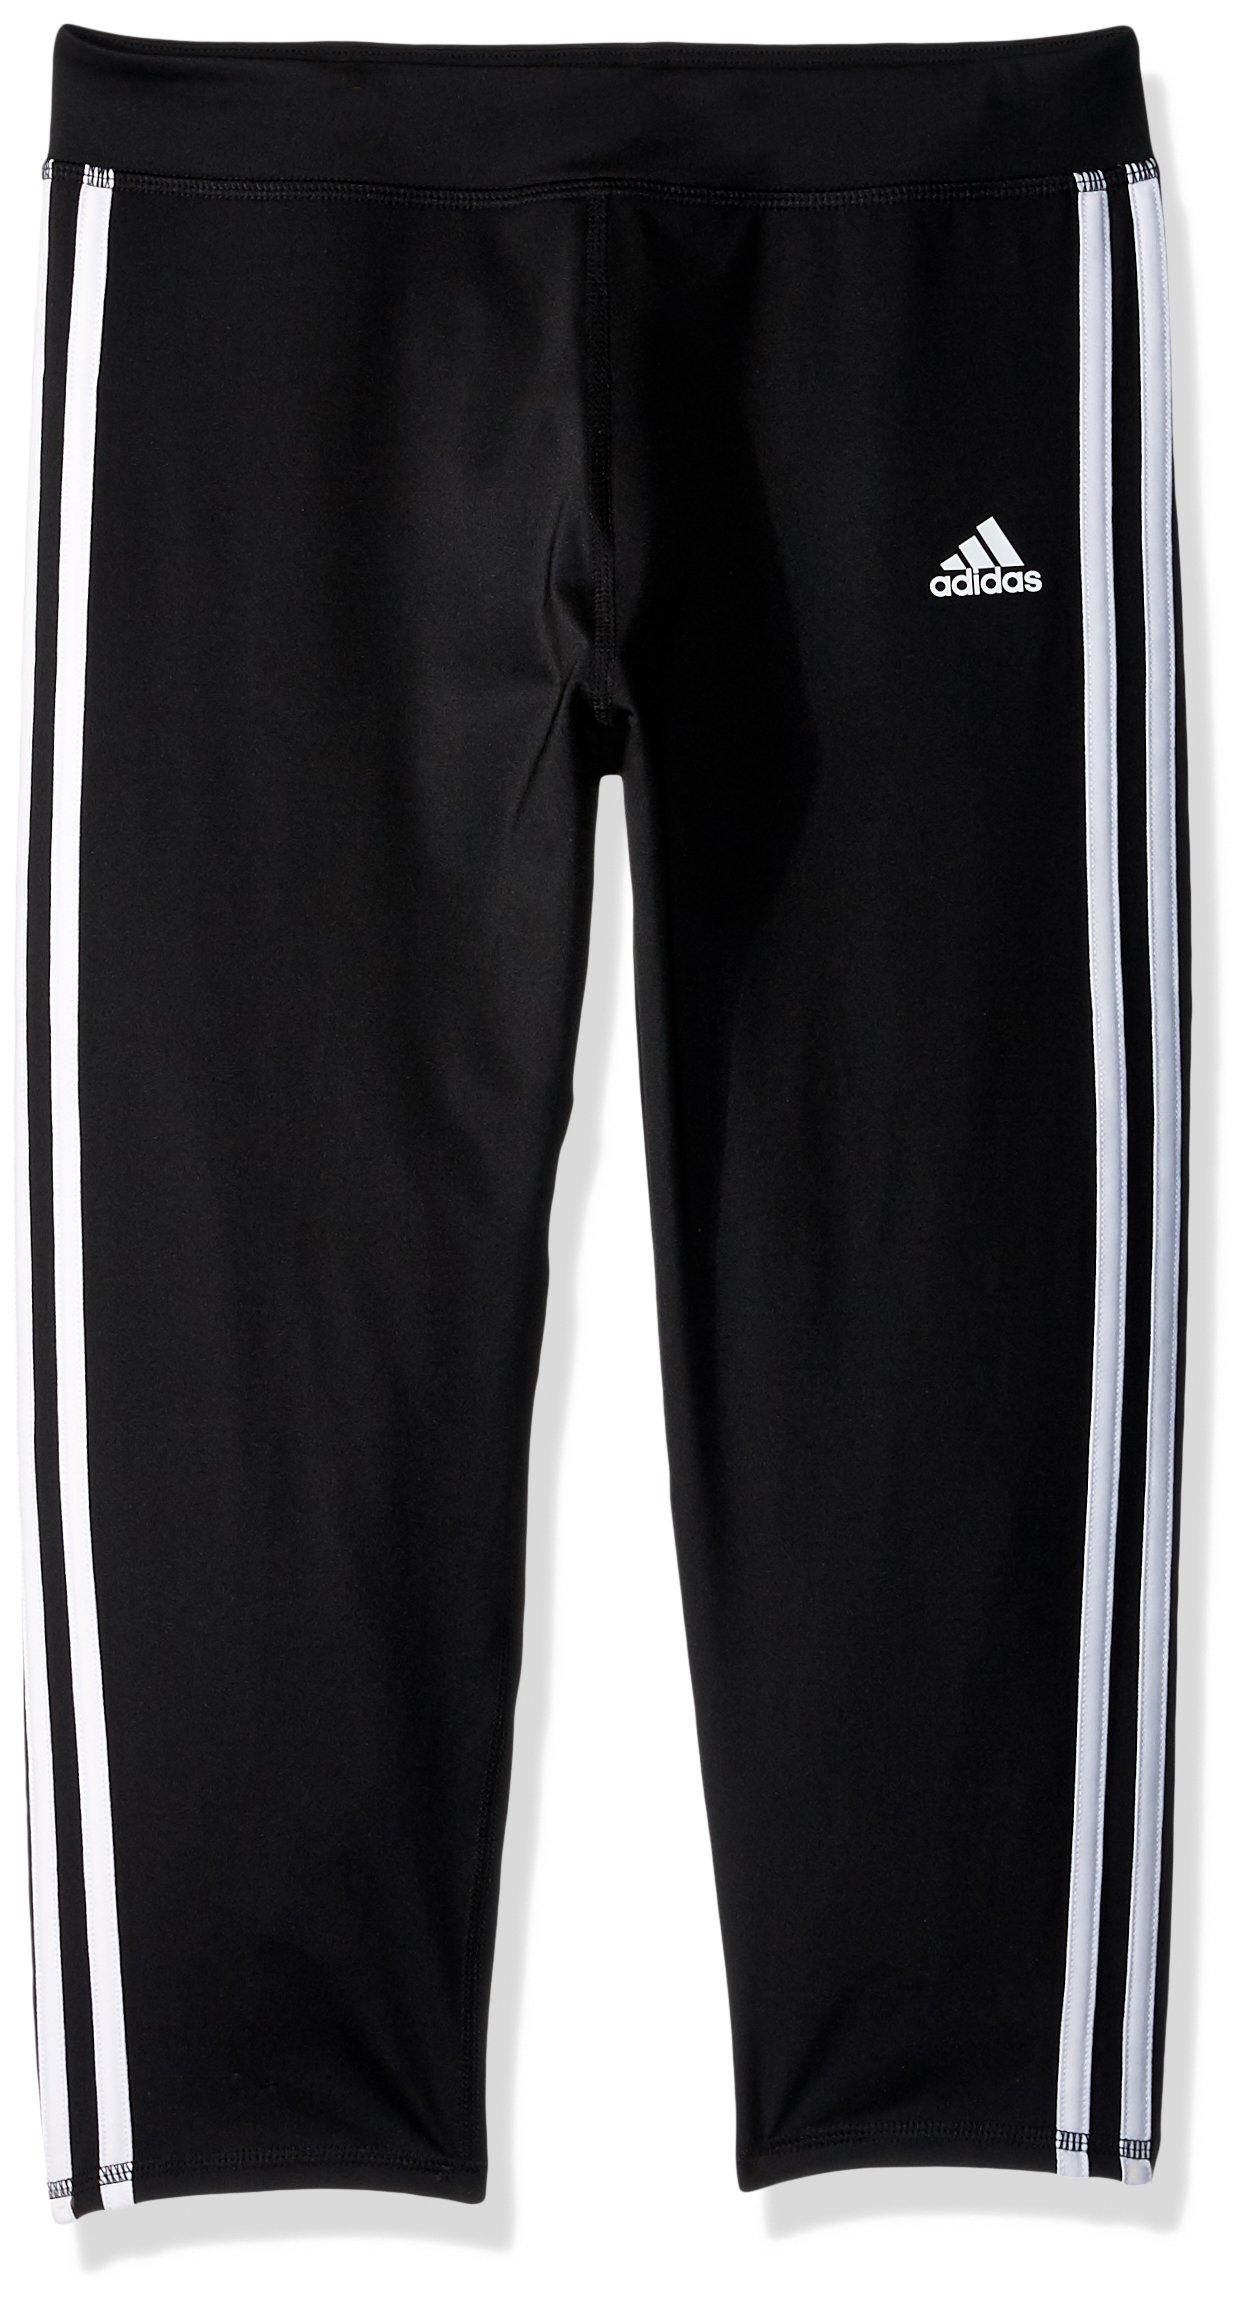 adidas Big Girls' Capri Legging, Black Adi, Large